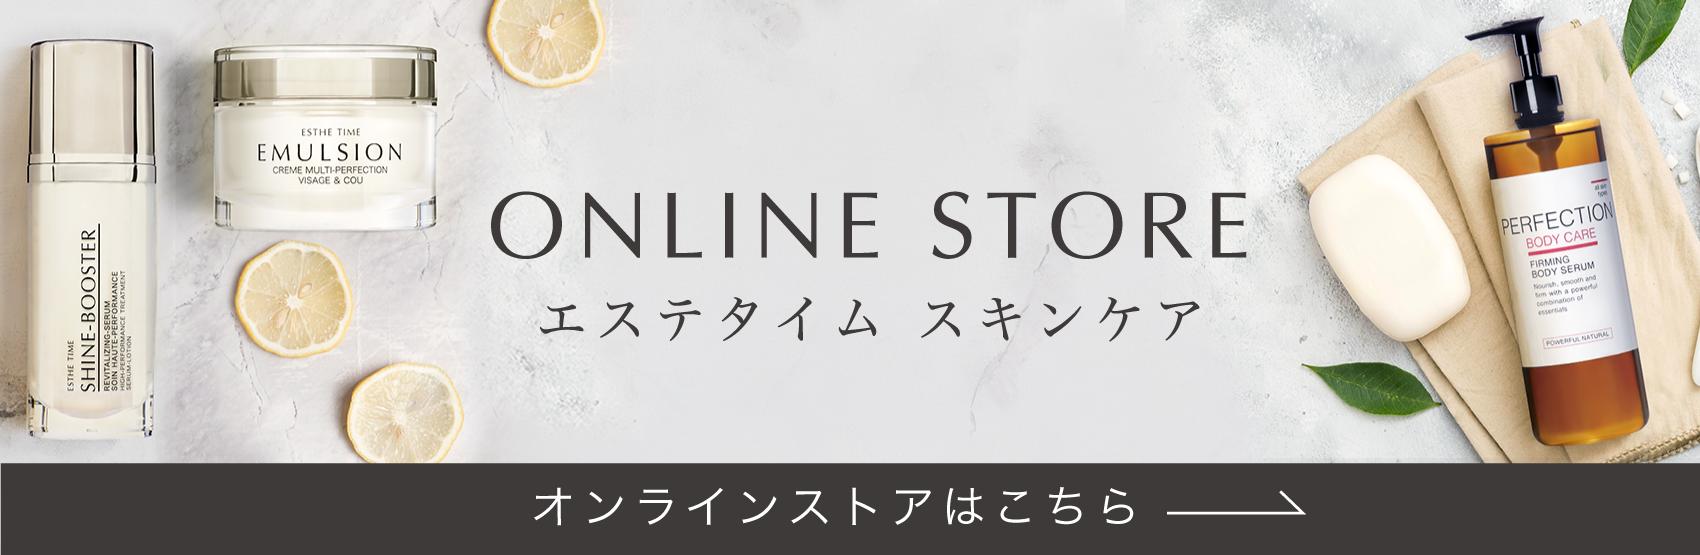 エステタイム-ONLINE-STORE